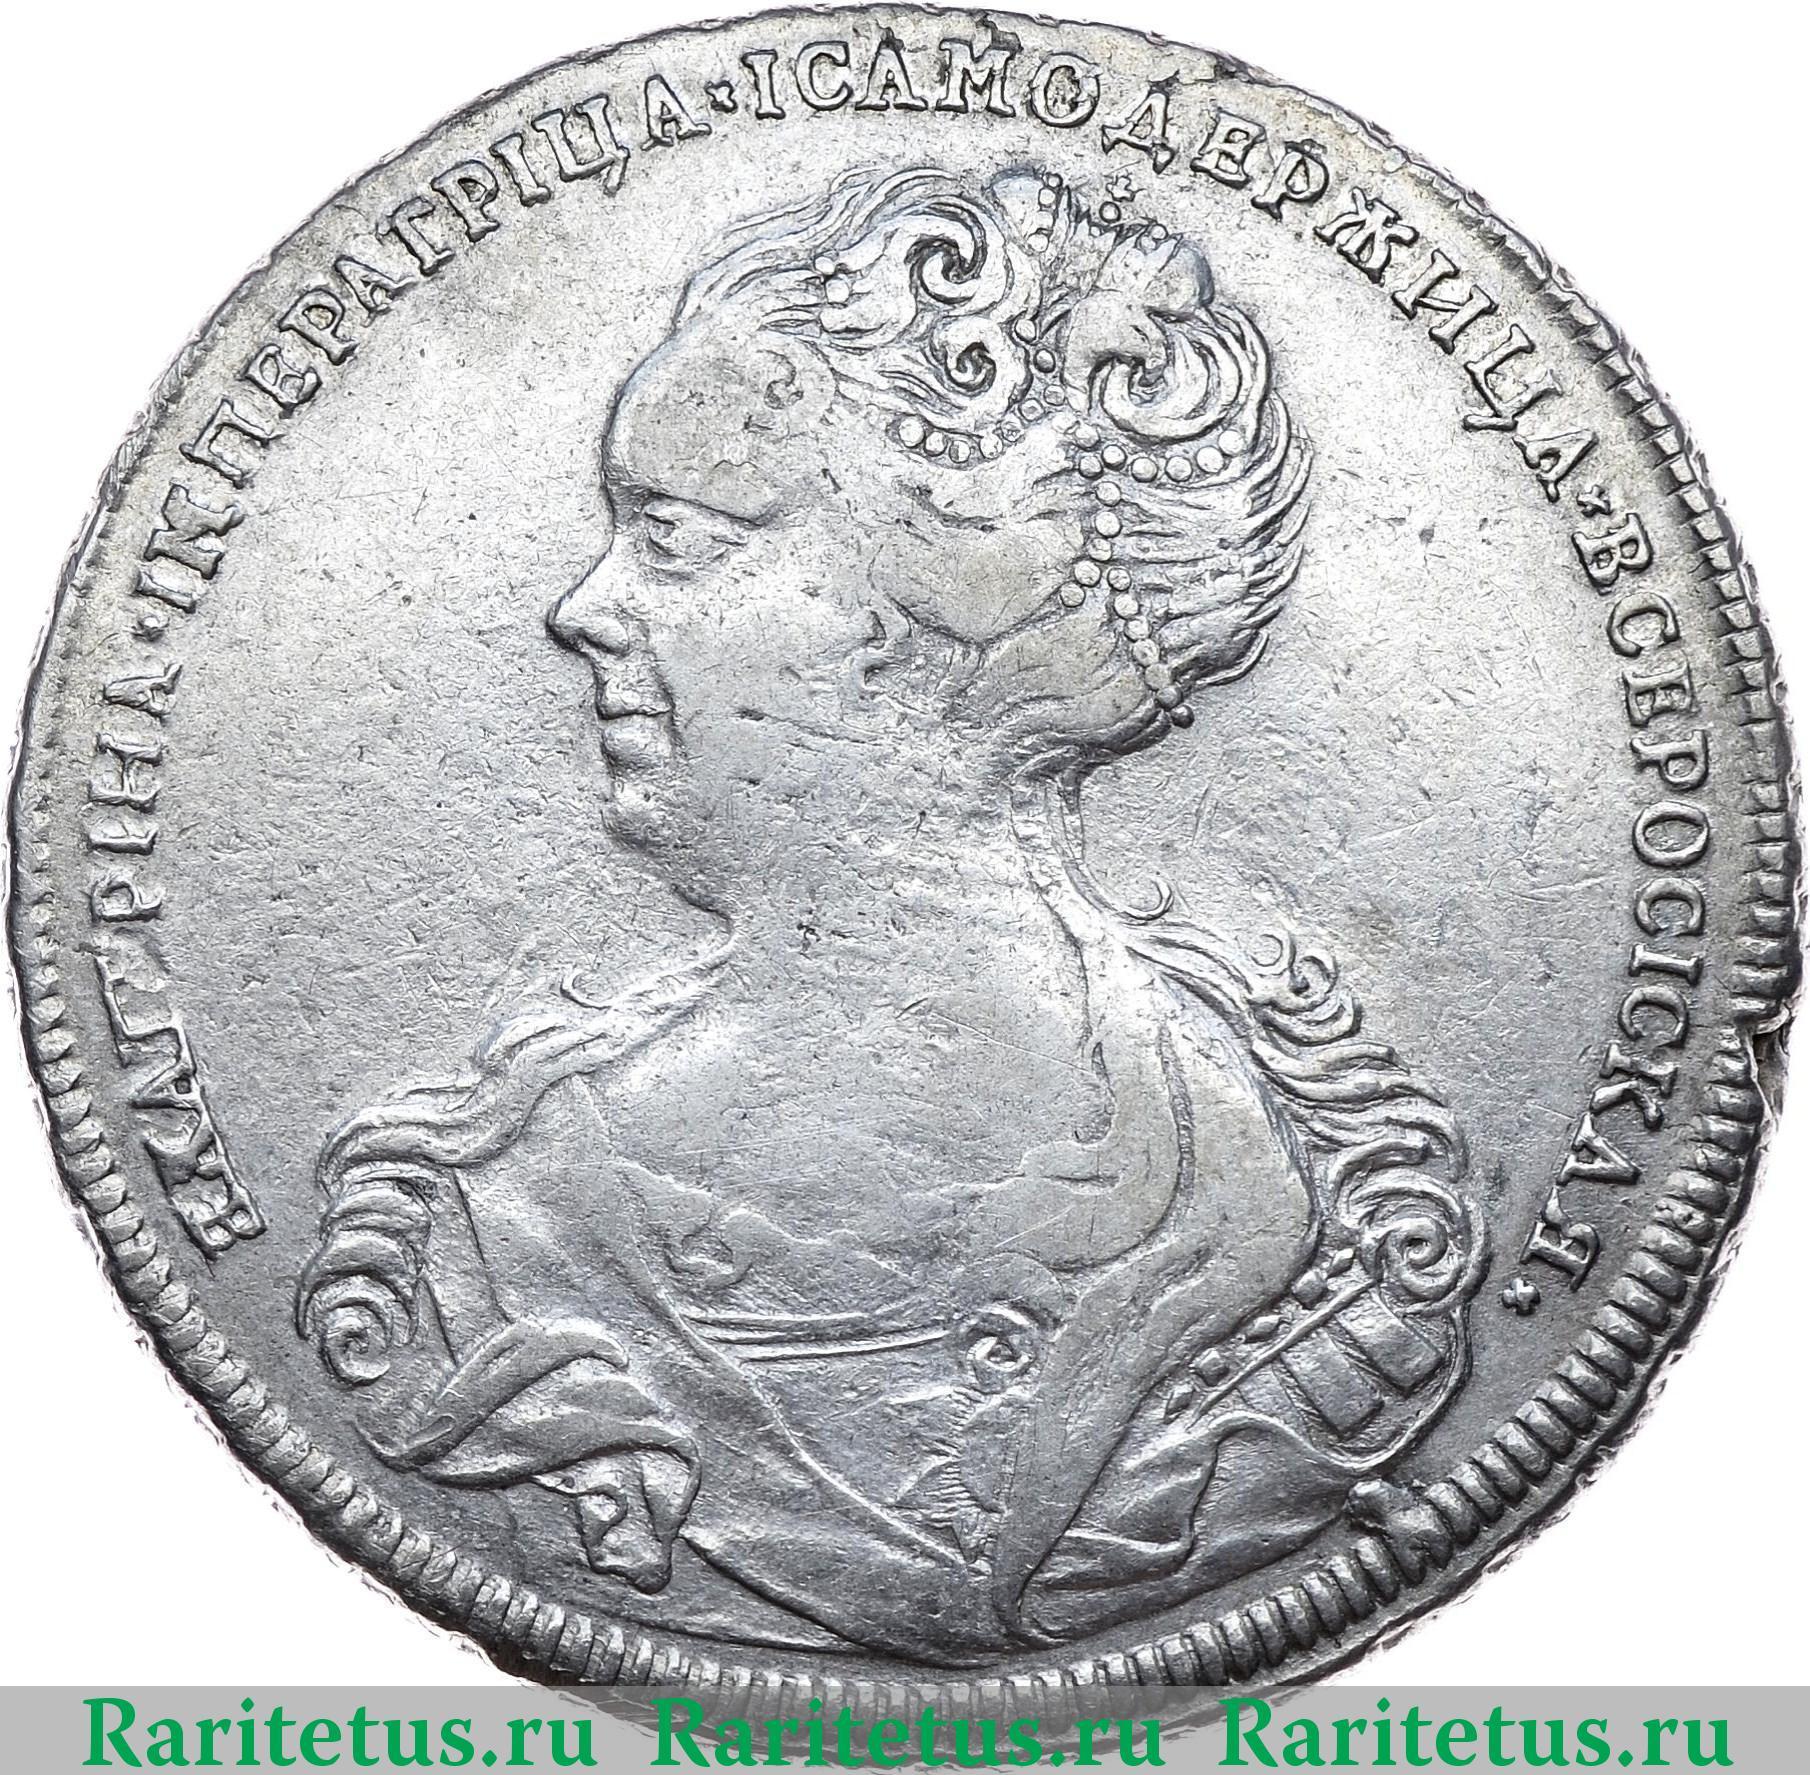 Монеты россии стоимость каталог цены 1725 альбом гвс цена